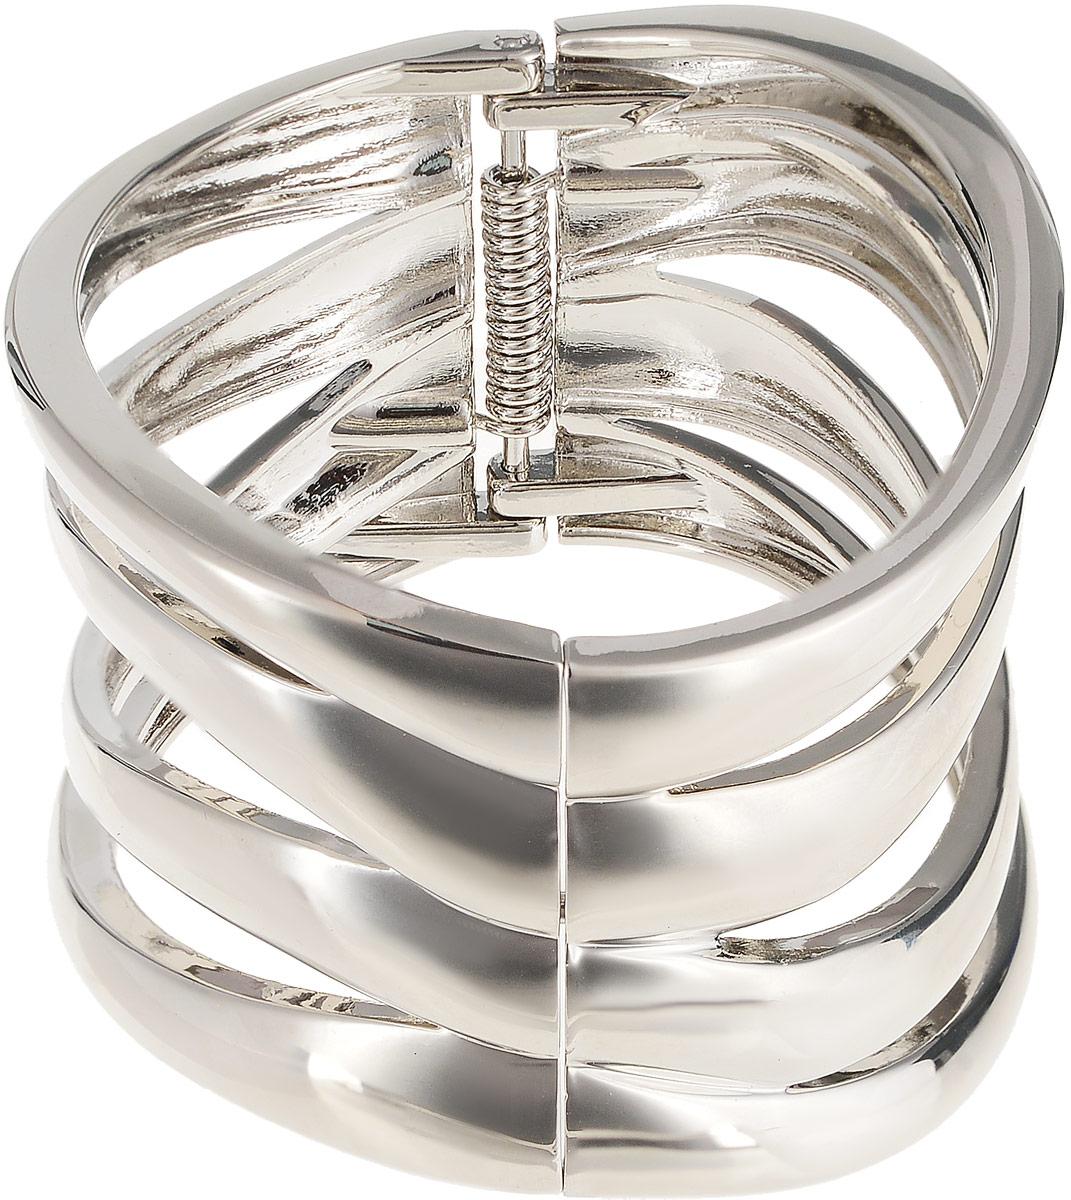 Браслет Каир. Гипоаллергенный ювелирный сплав серебряного тона. Segura, ИспанияT-B-5713-BRAC-RHODIUMБраслет Каир. Гипоаллергенный ювелирный сплав серебряного тона. Segura, Испания. Размер: диаметр 6,5 см, браслет подойдет на любой размер.